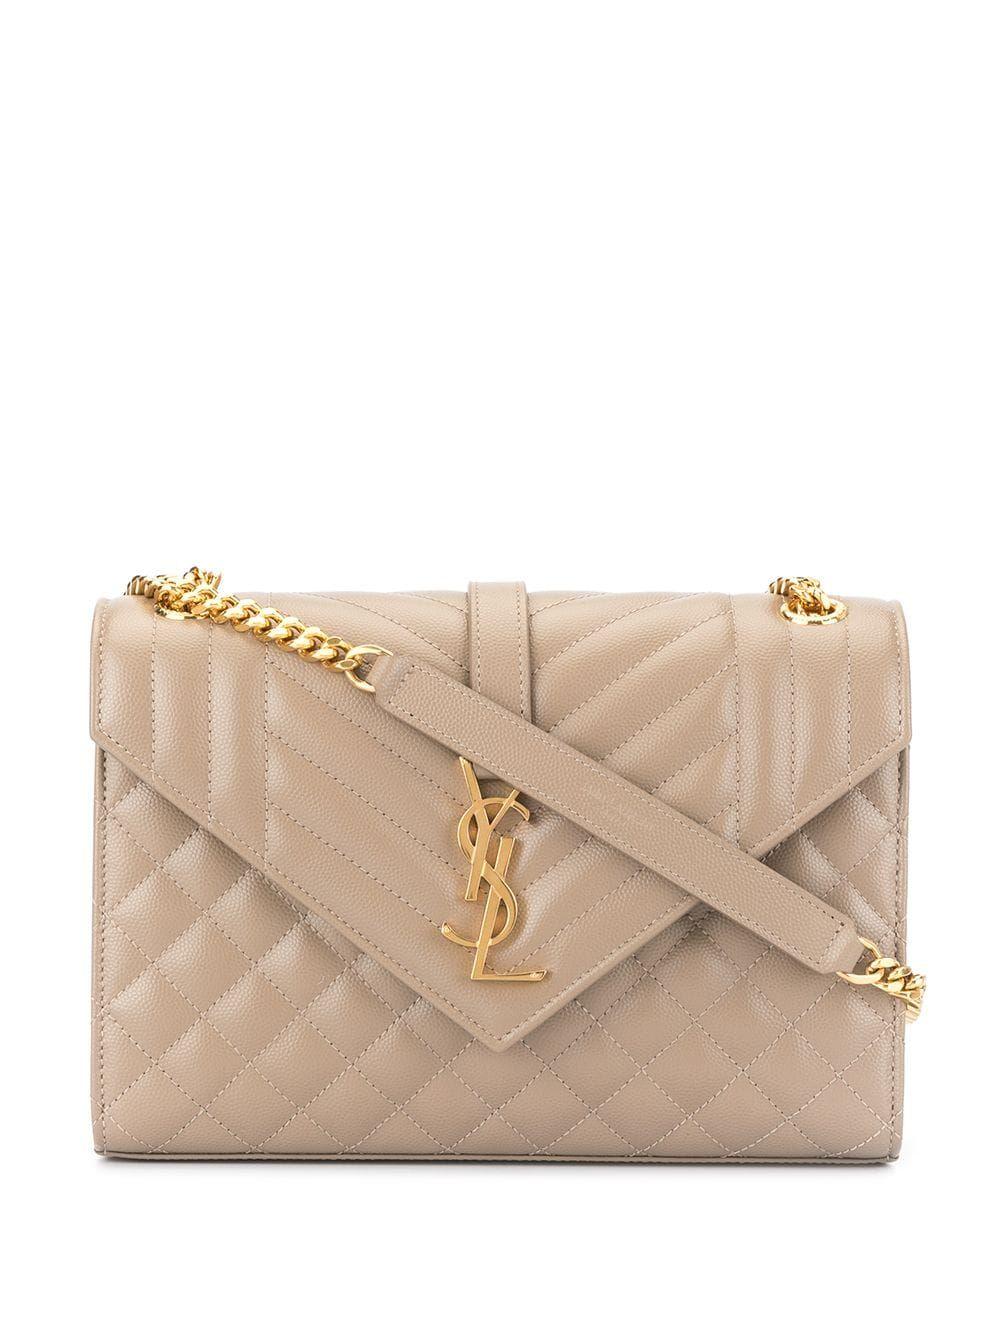 Saint Laurent Medium Envelope Shoulder Bag Grey With